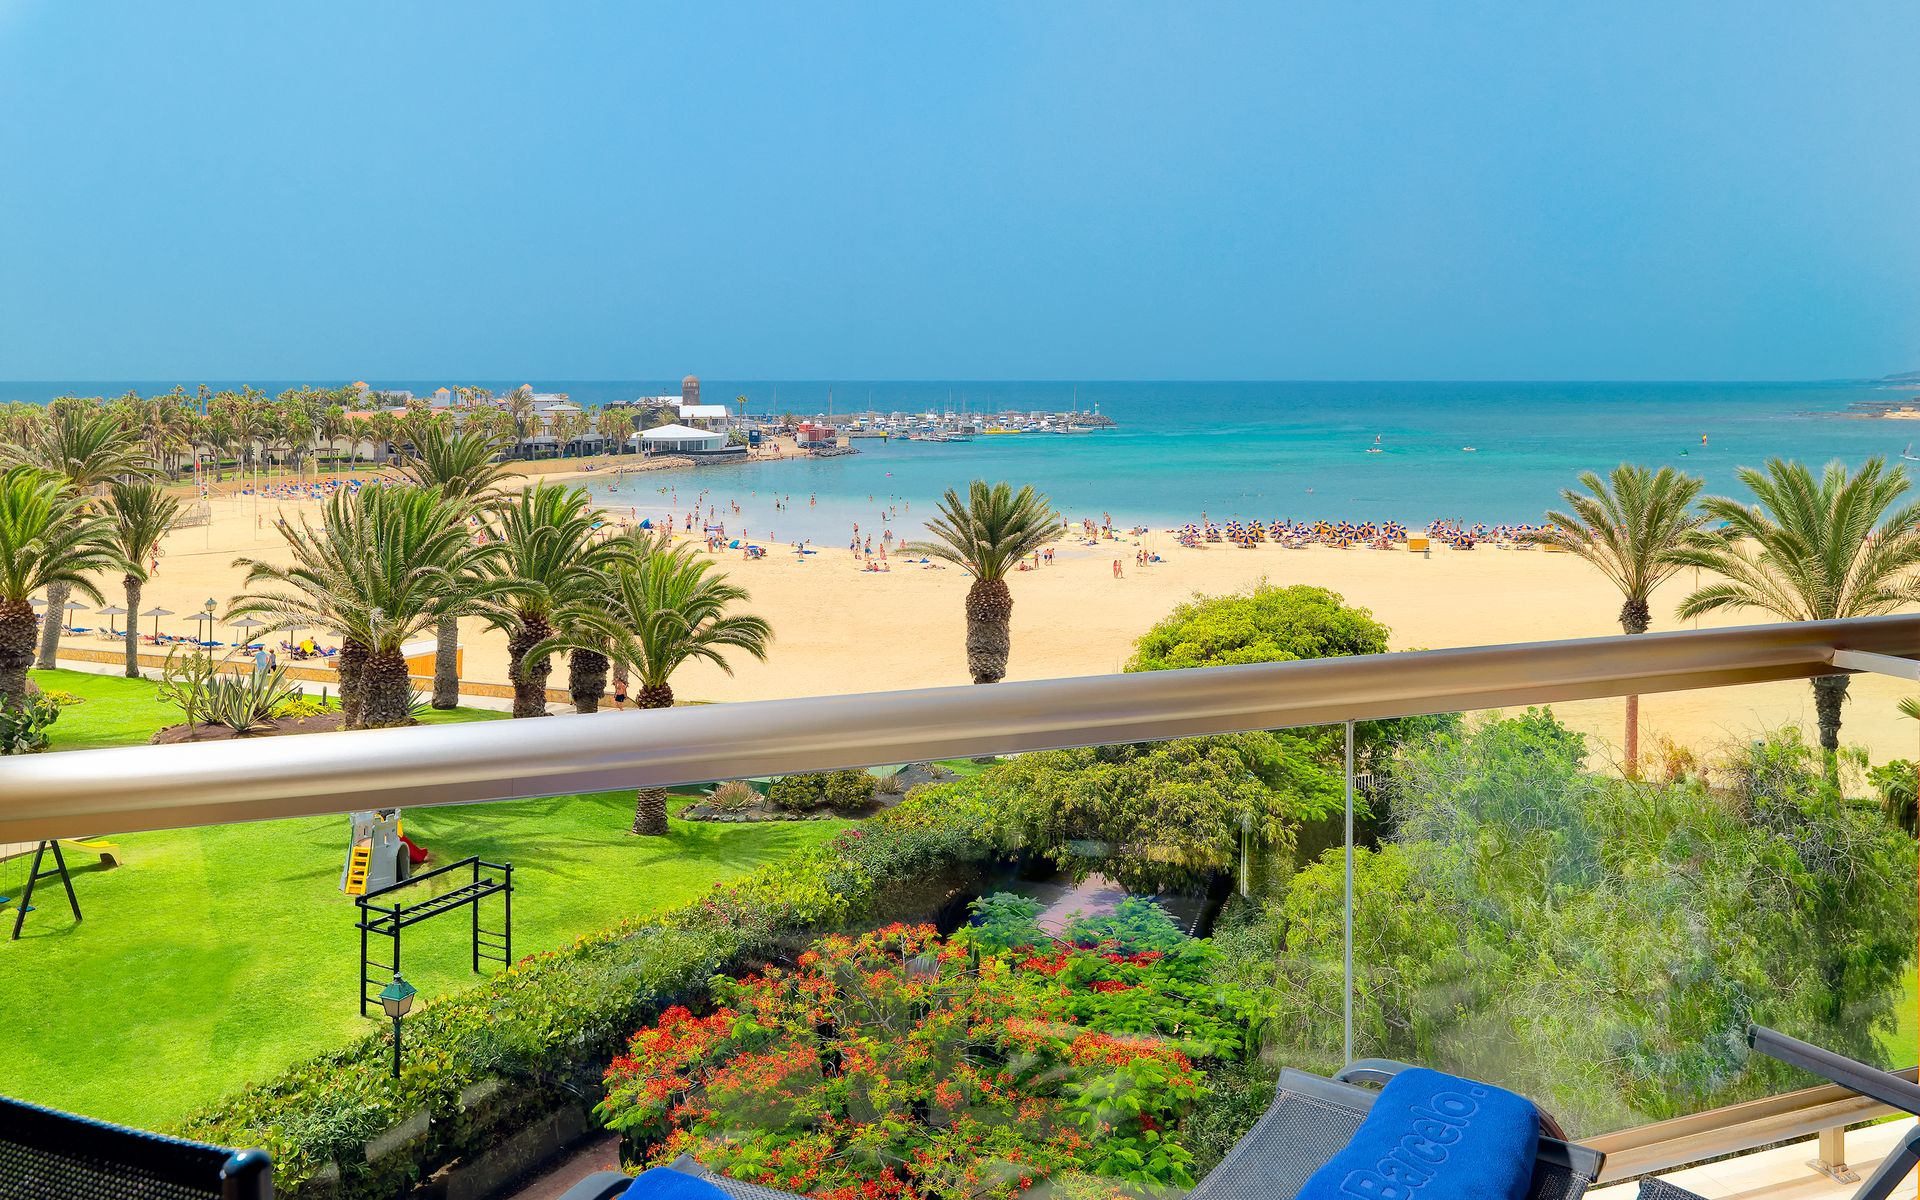 Baños Turcos Zona Caleta: Thalasso Spa en Caleta De Fuste – Fuerteventura desde 4